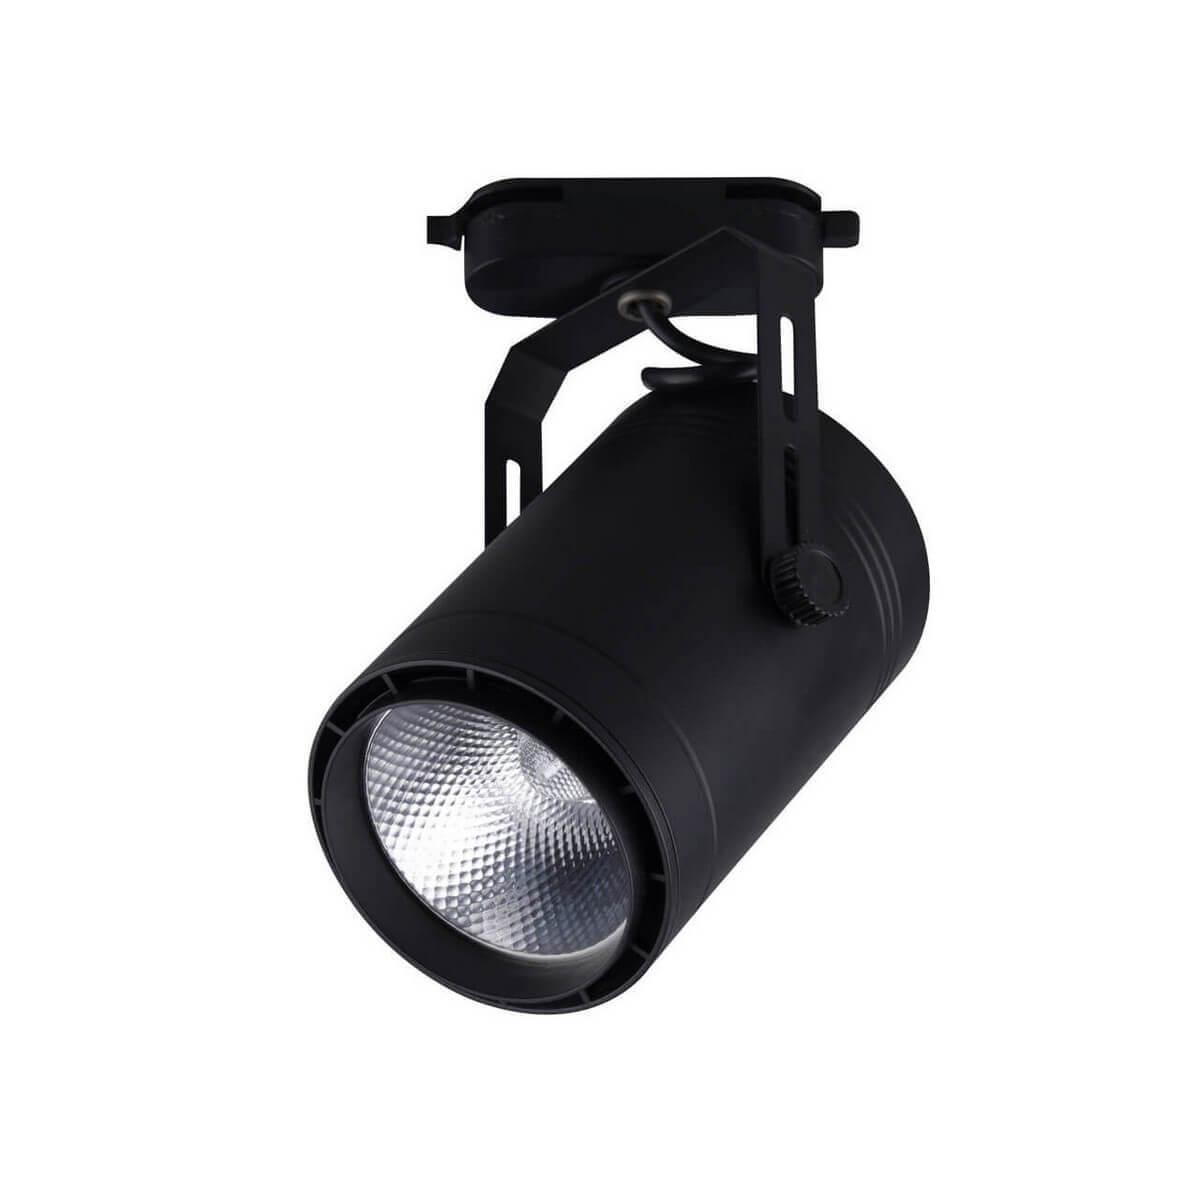 Трековый светодиодный светильник Kink Light Треки 6483-1,19 трековый светодиодный светильник kink light треки 6483 1 01